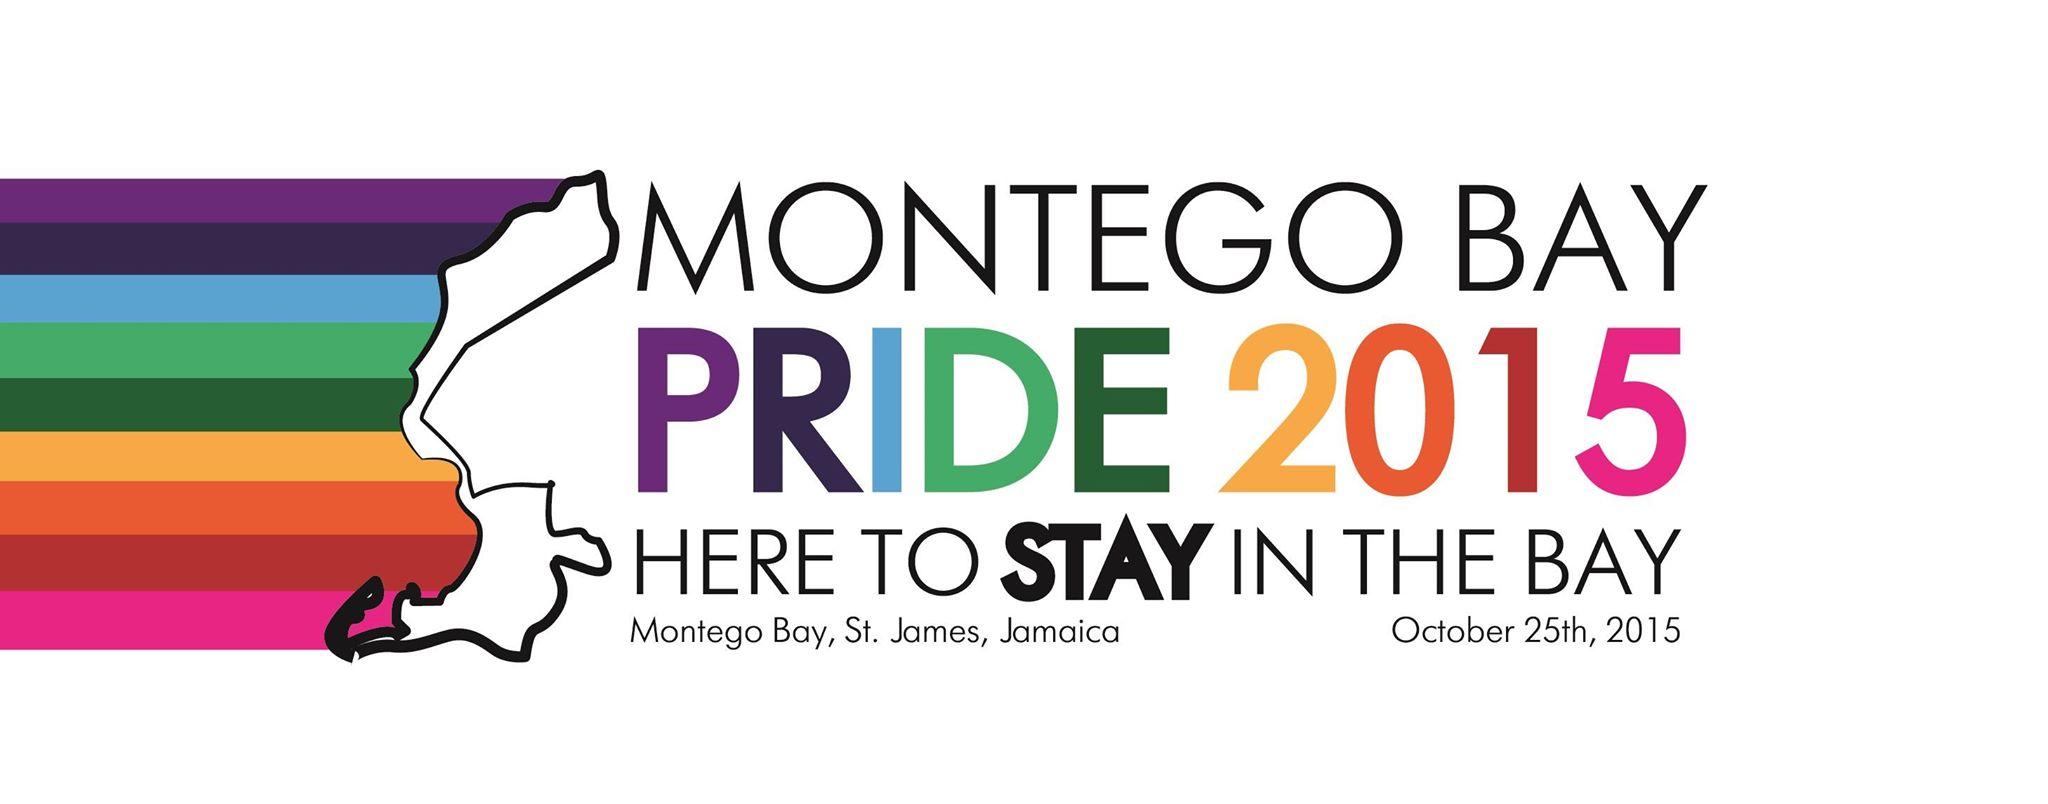 Banner promoting Montego Bay Pride 2015.